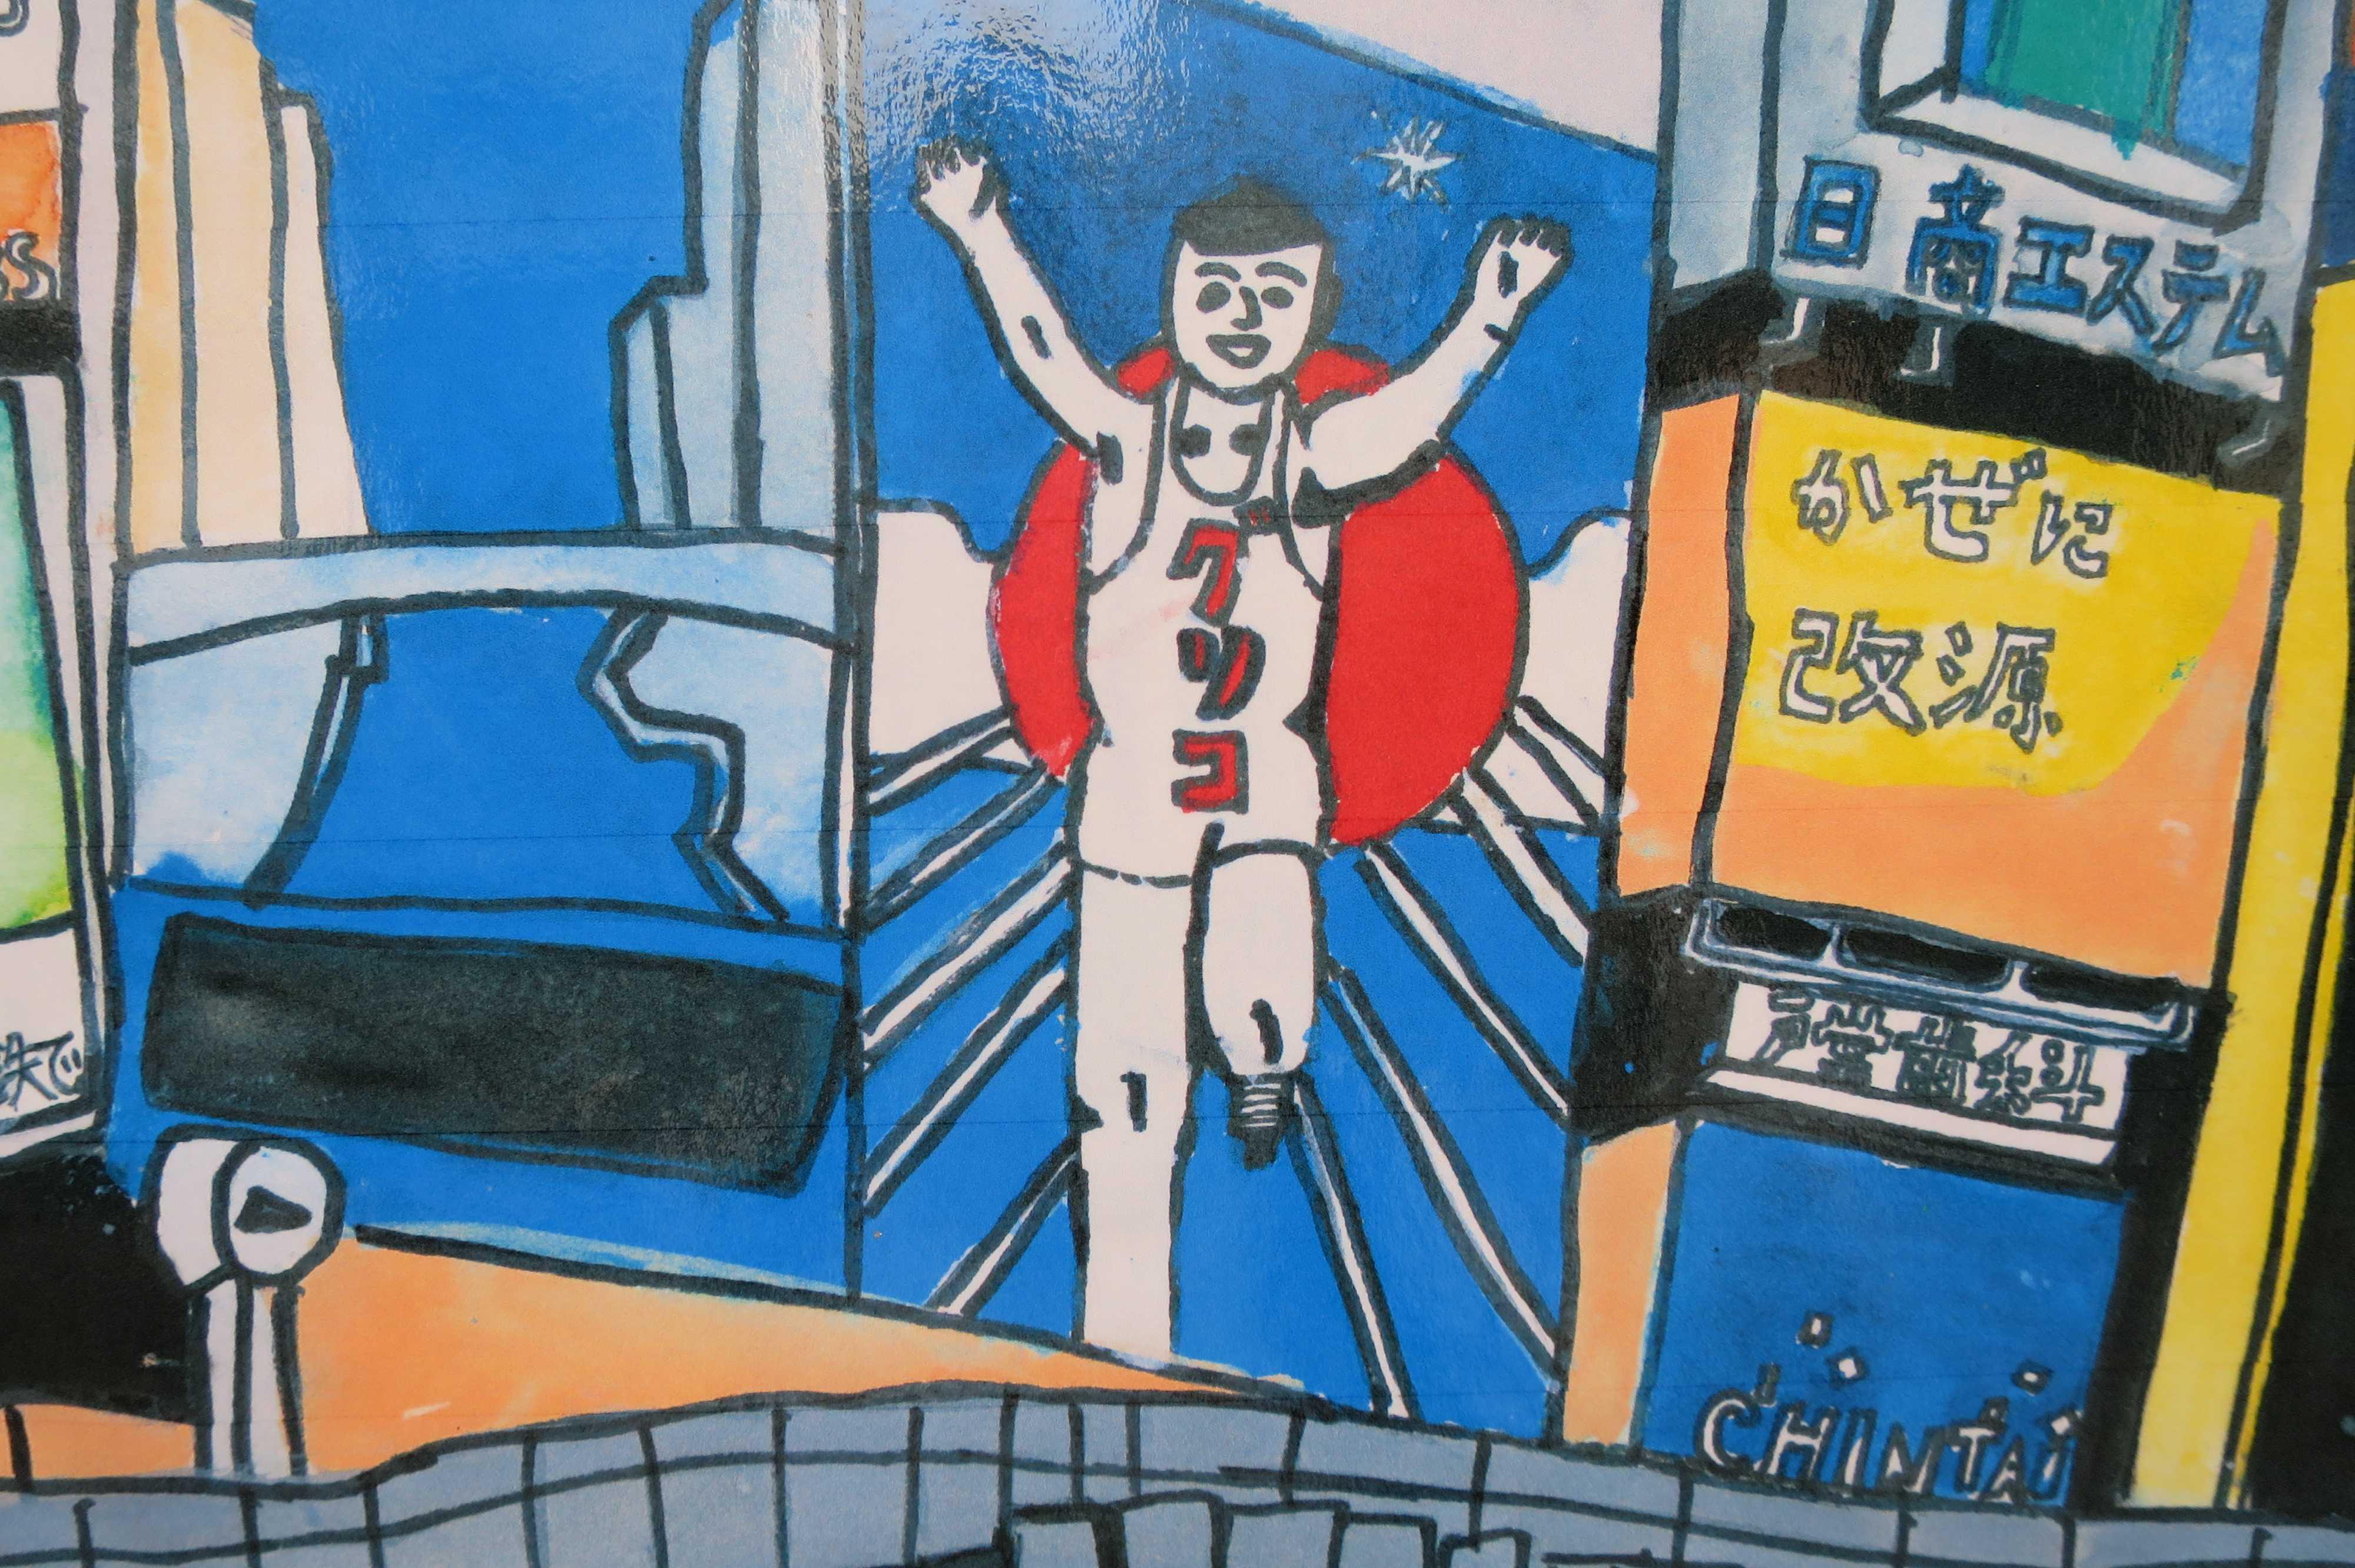 大阪・道頓堀 - 子供たちが描いたグリコの看板